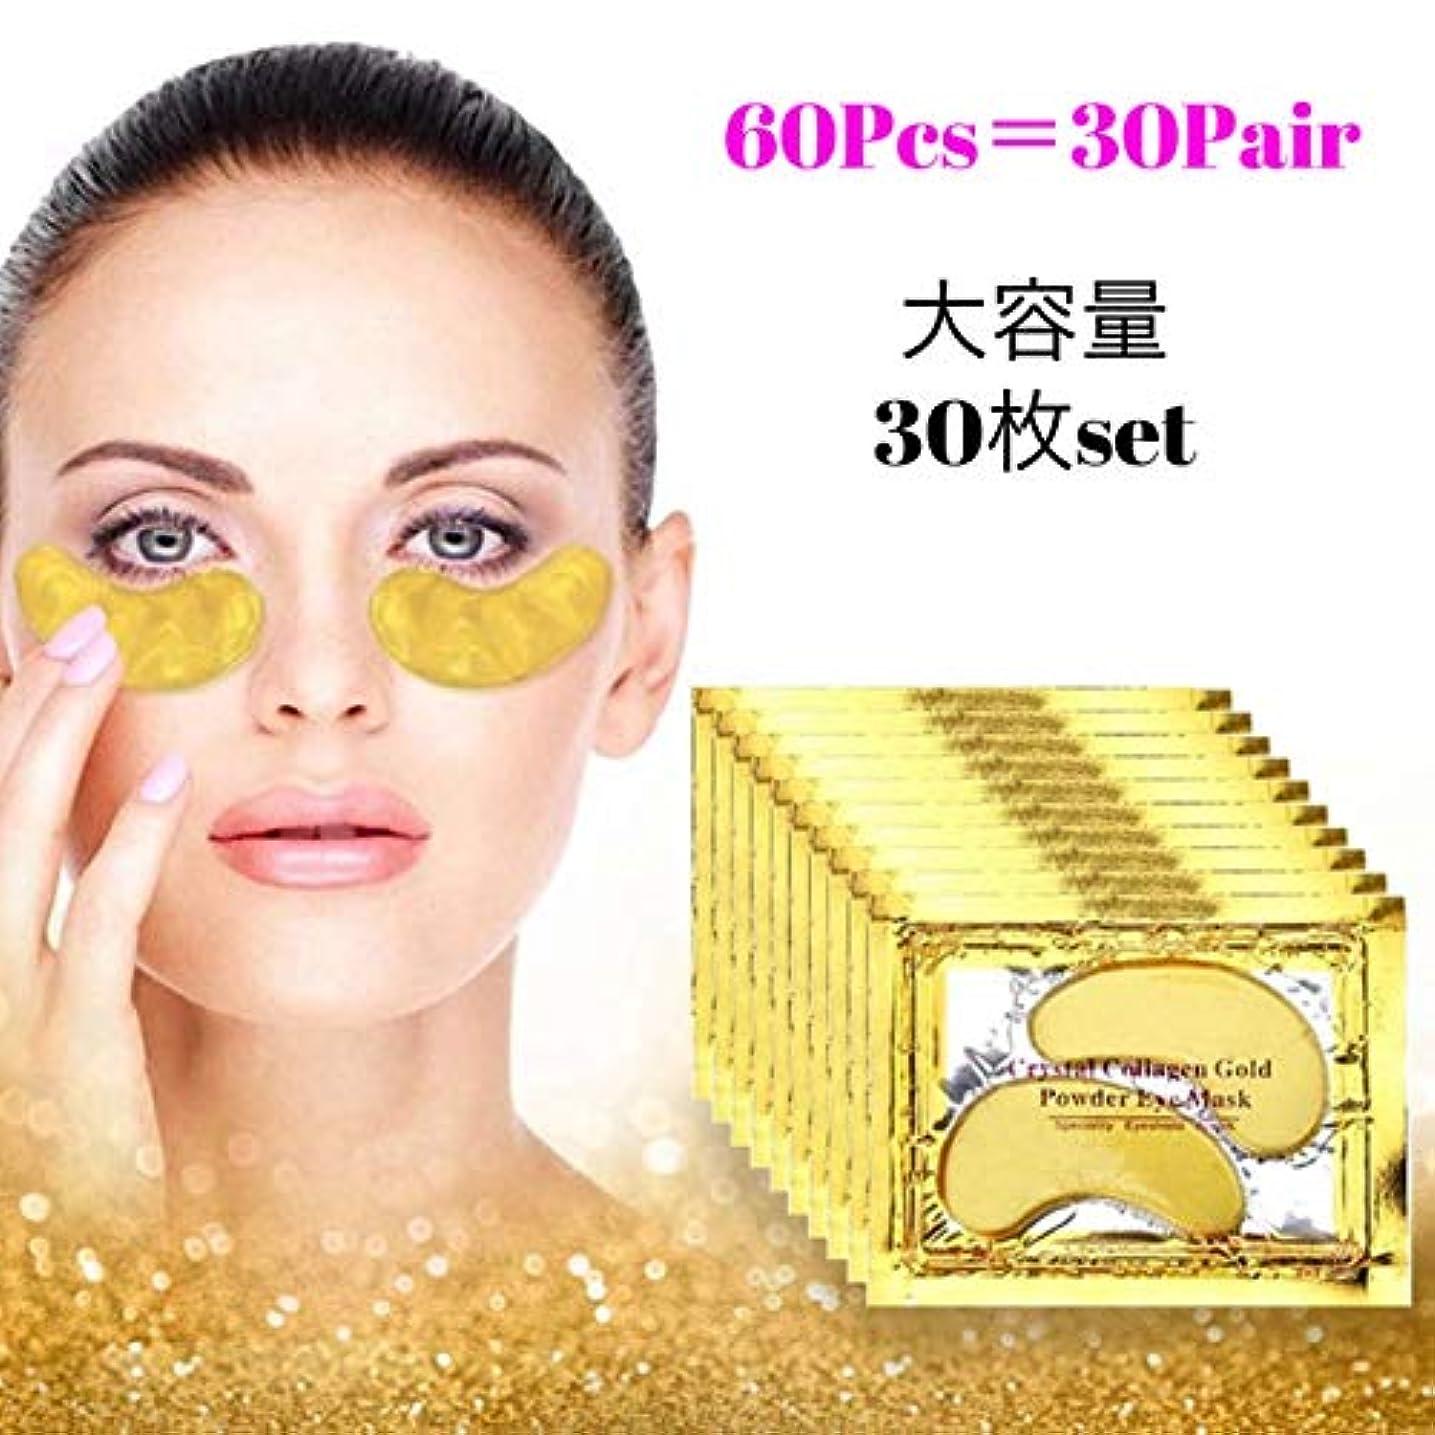 深い切手再生可能大人気 韓国コスメ Goldクリスタルコラーゲン 目元ケアパック 大容量の60Pcs=30個Set 目元のシワ タルミ クマが気になる方に アンチエイジング 天然美容成分配合 黄金分子成分の目元集中ケアパック